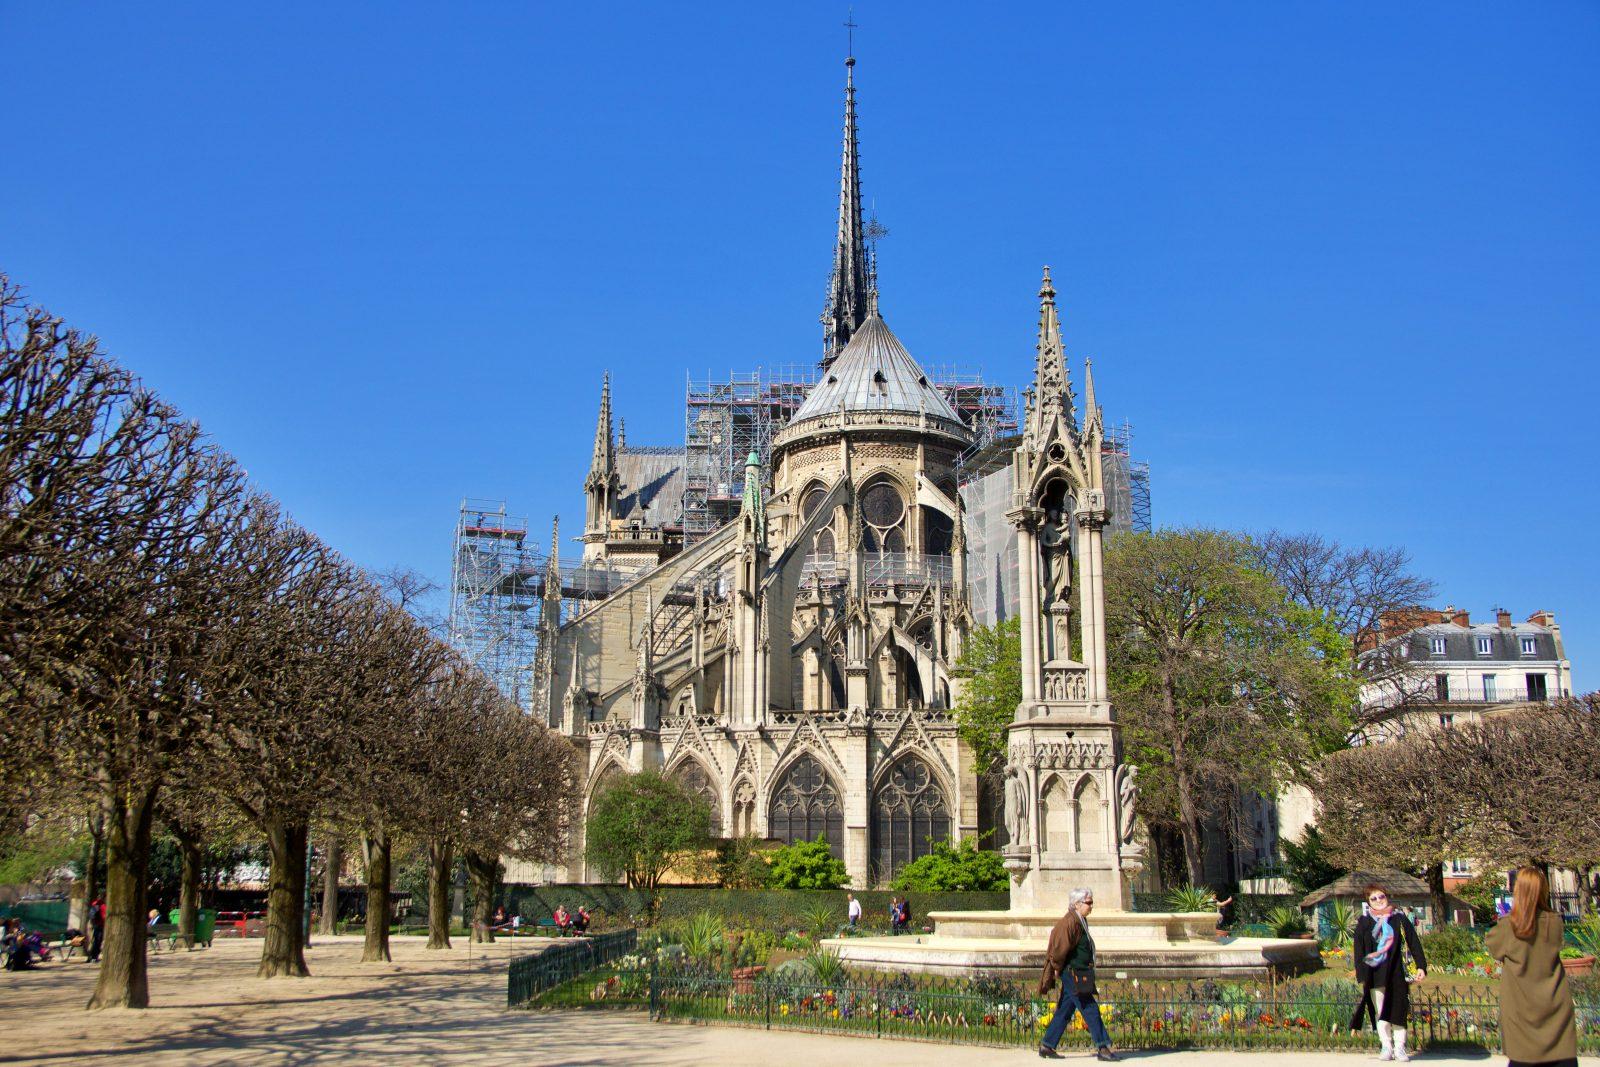 Notre-dame Gardens in Paris